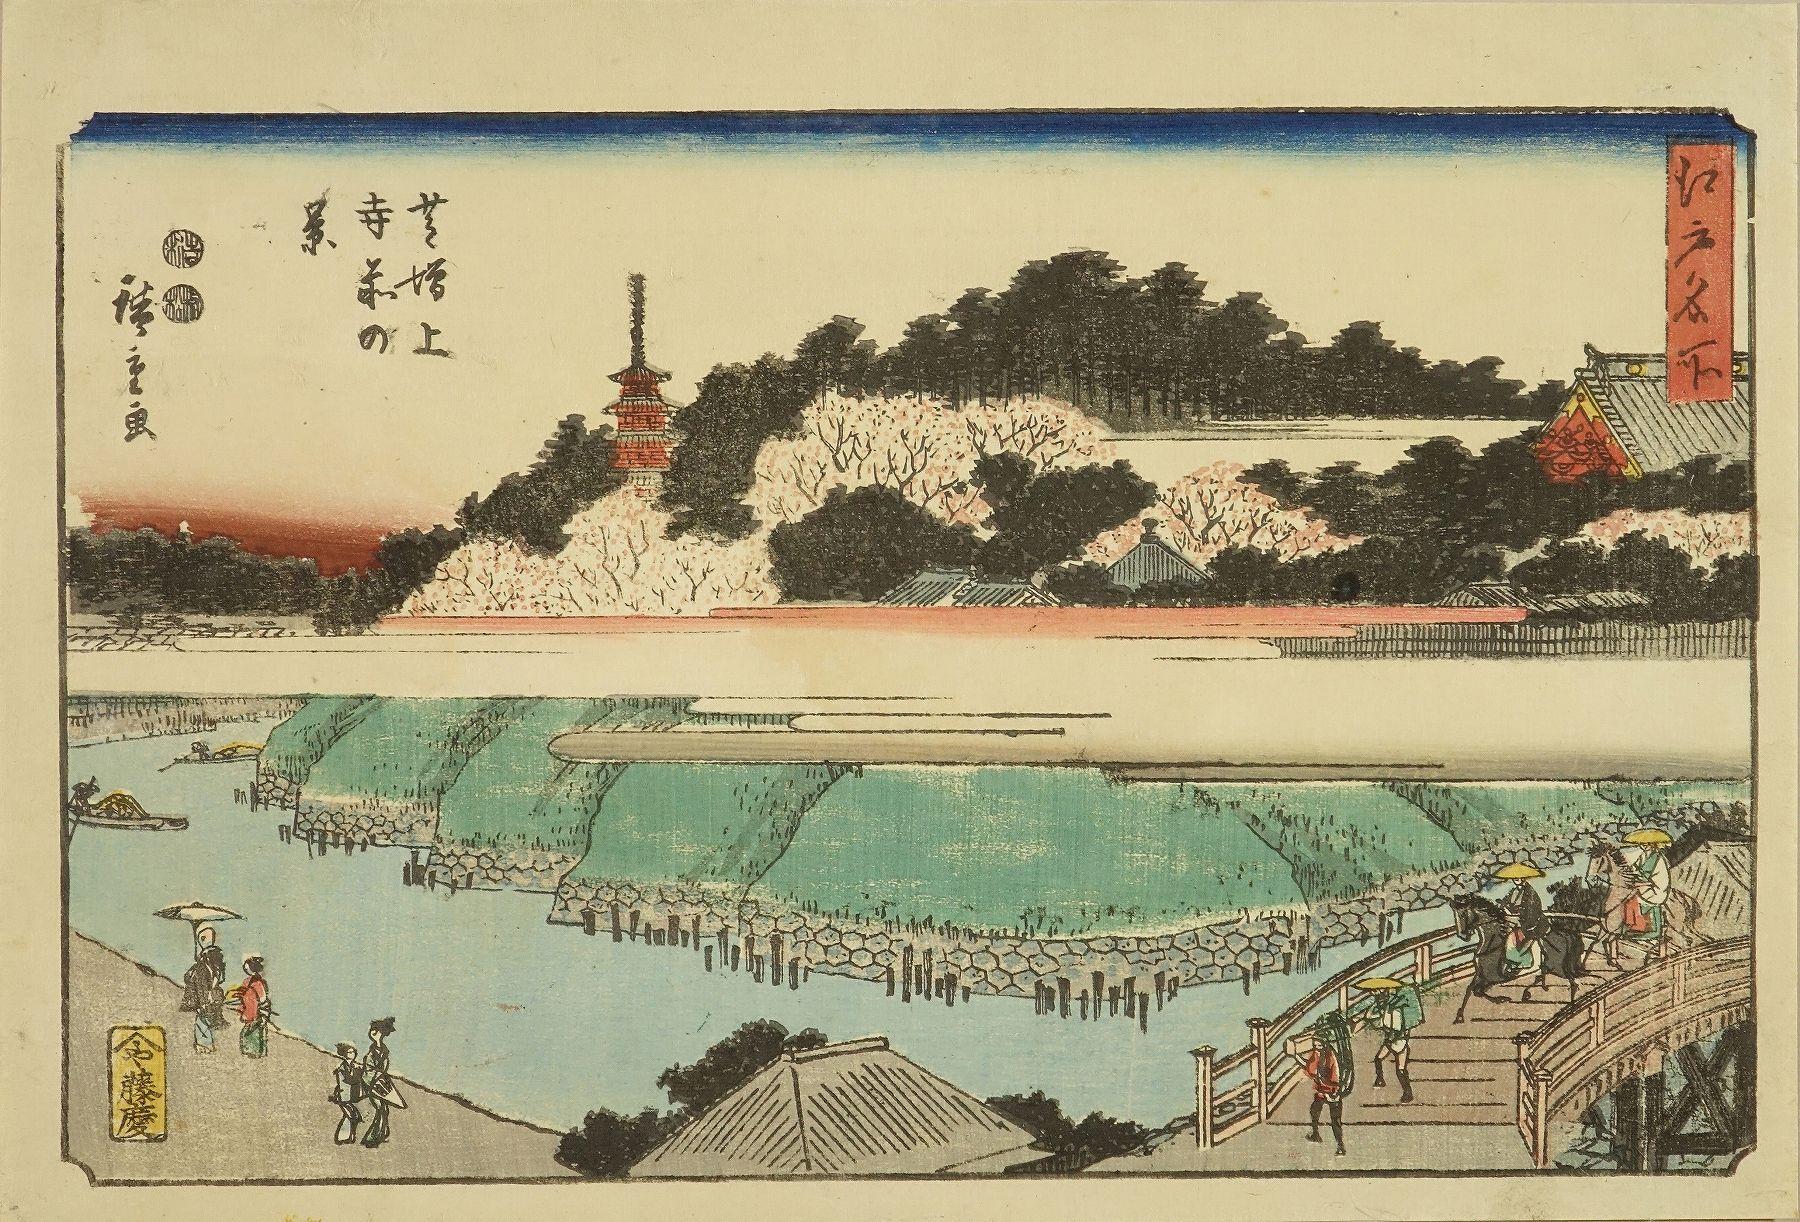 HIROSHIGE <i>Shiba Zojoji mae no kei</i> (Front of Zojoji Shrine, Shiba), from <i>Edo meisho</i> (Famous places of Edo), published by Fujiokaya Keijiro